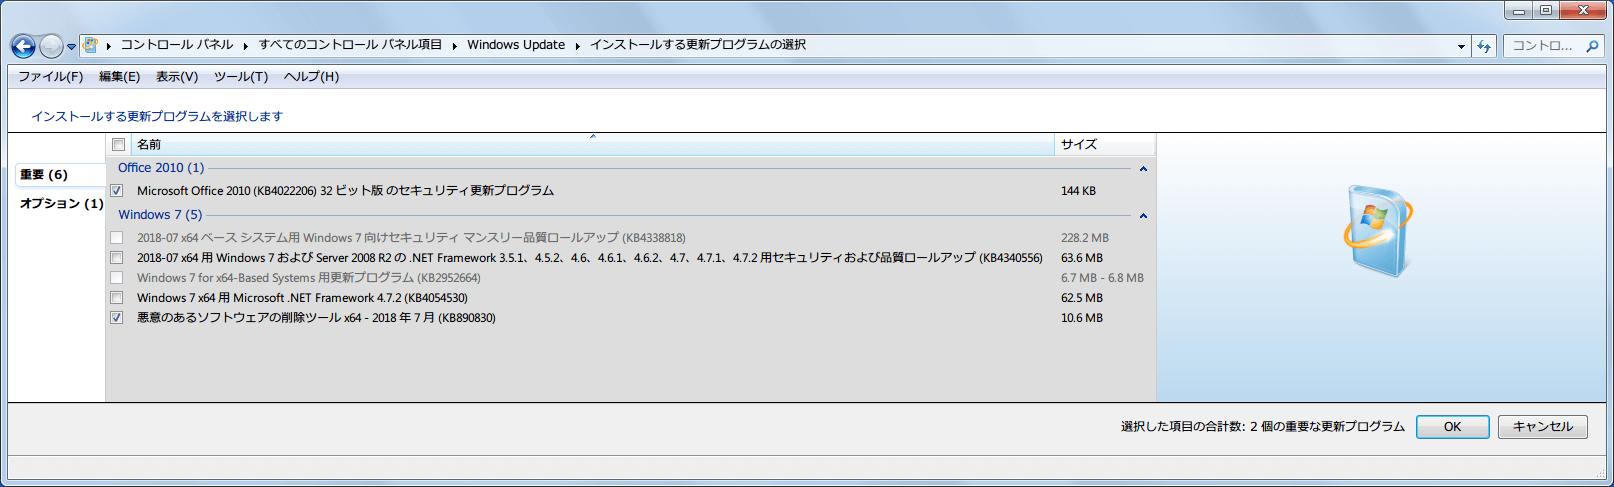 Windows 7 64bit Windows Update 重要 2018年7月分リスト KB4338818、KB2952664 非表示